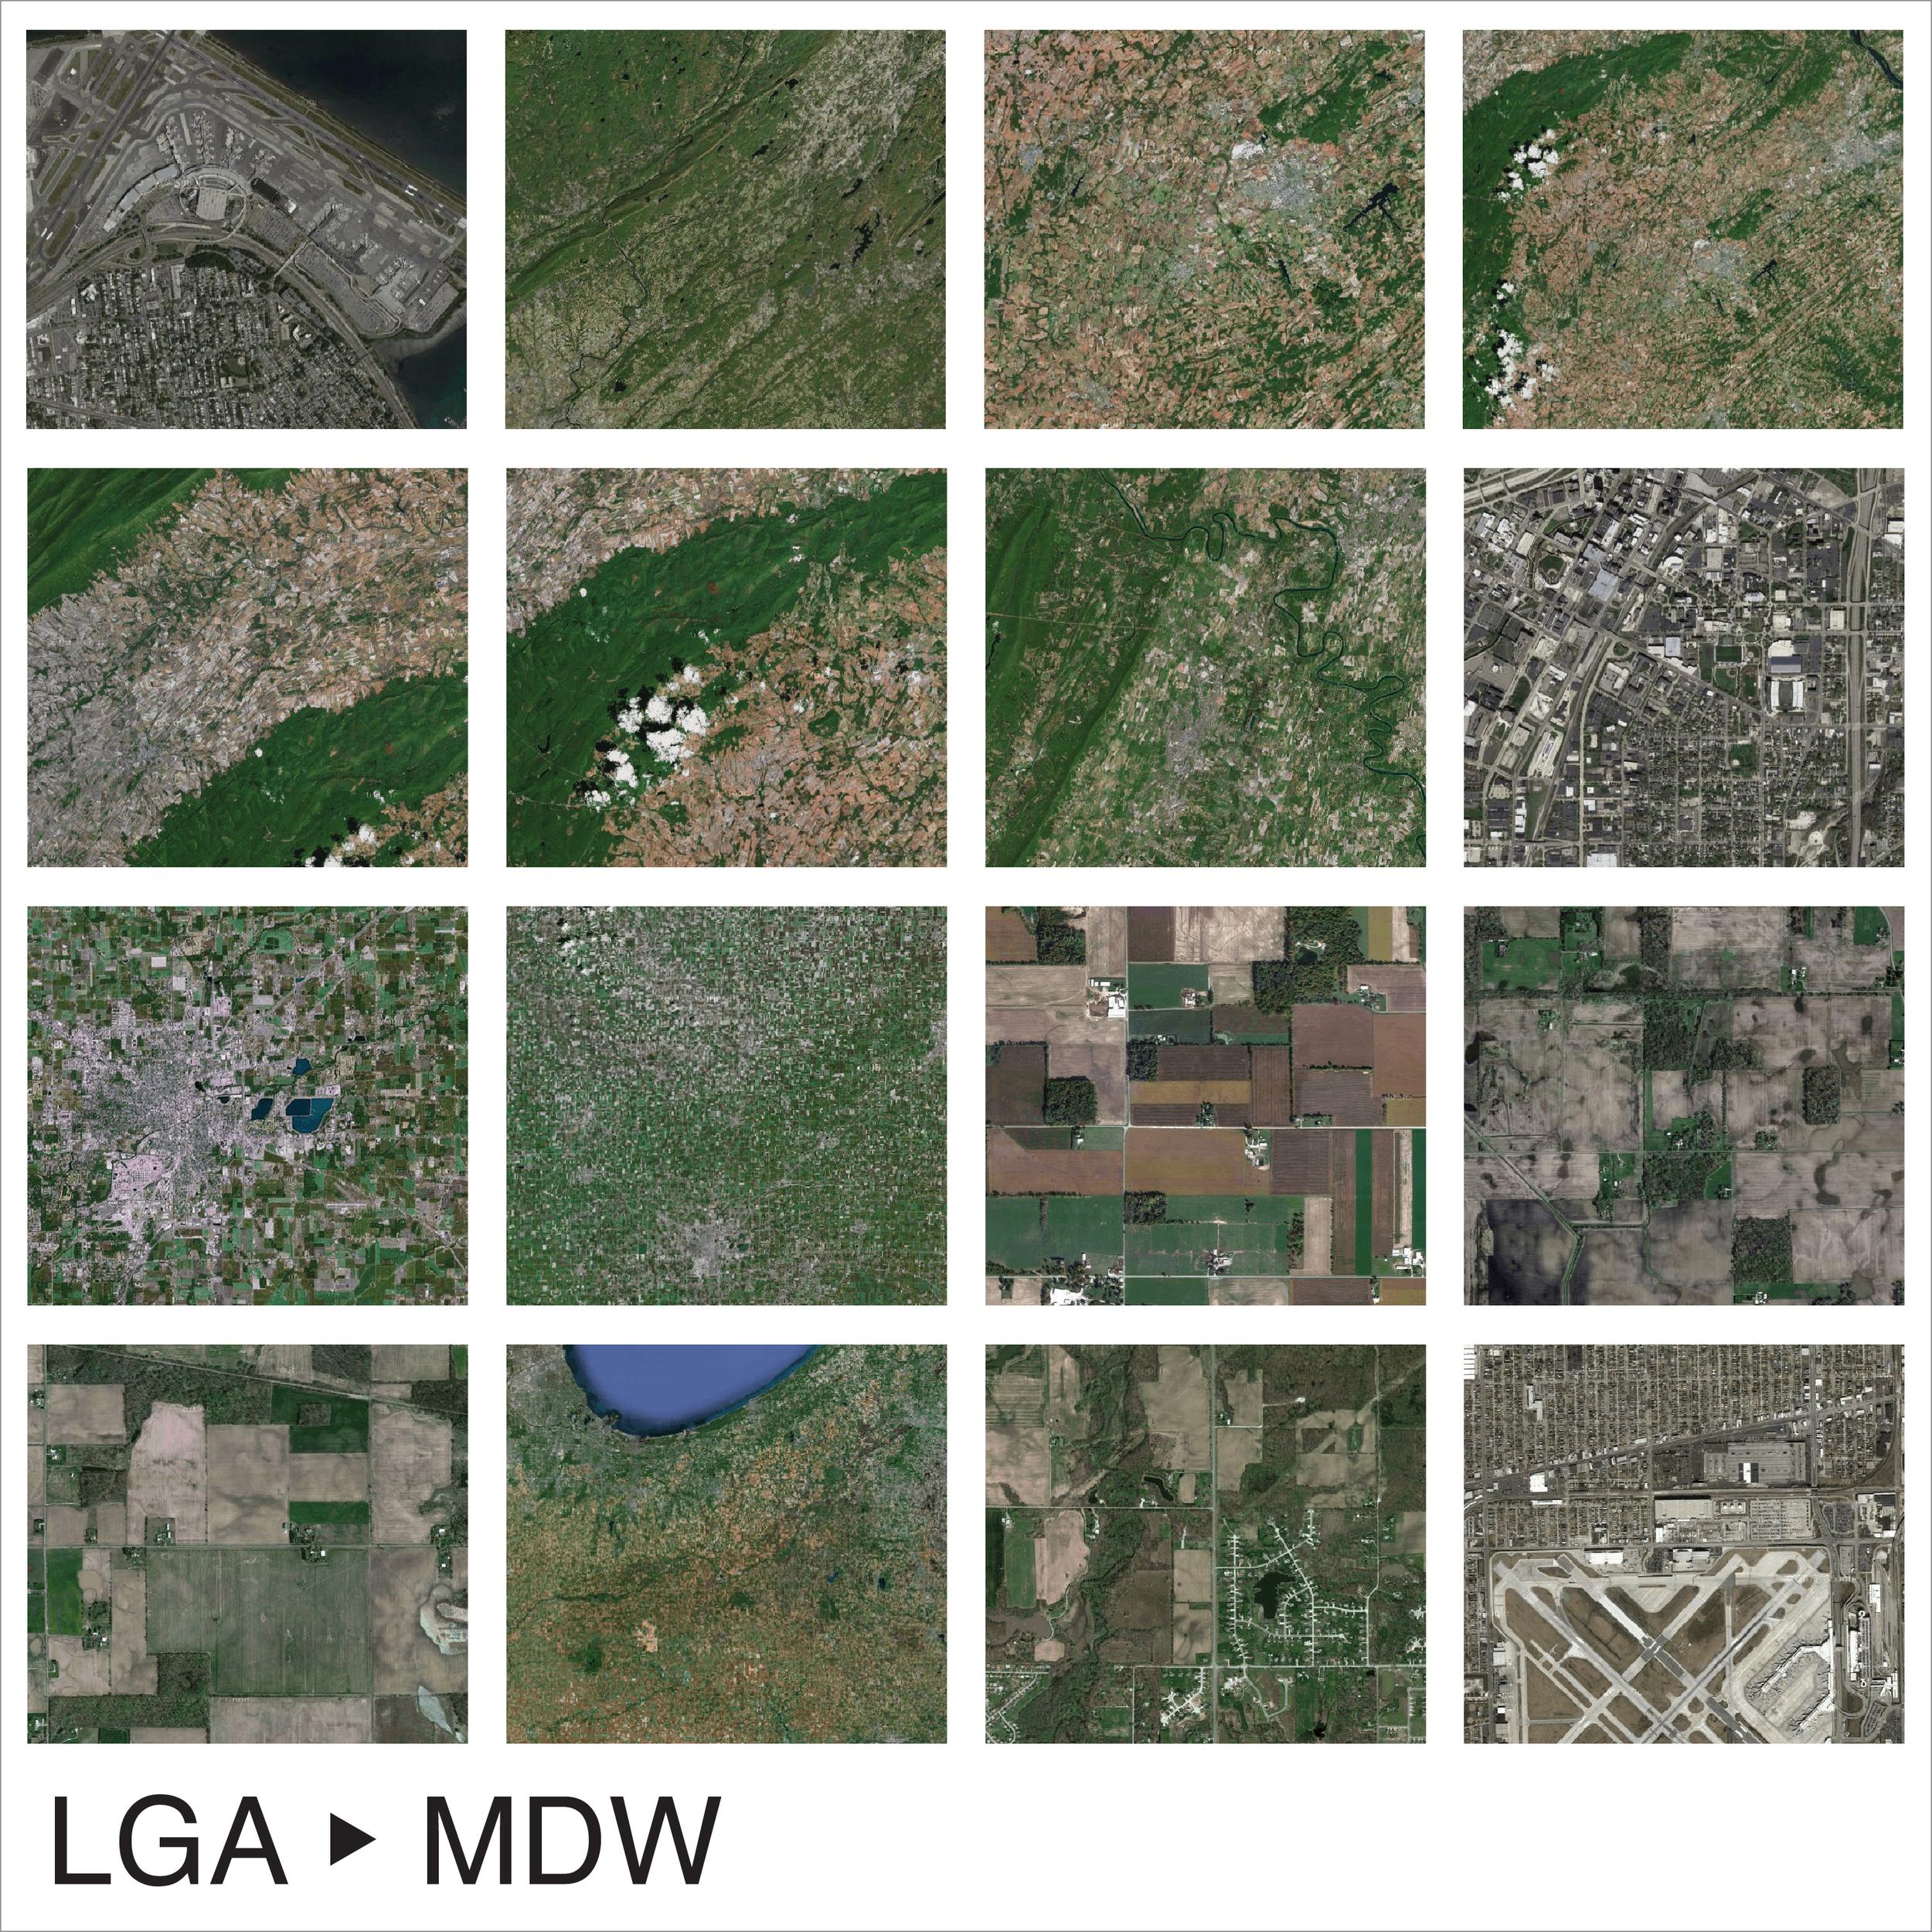 LGA2MDW_FW.jpg